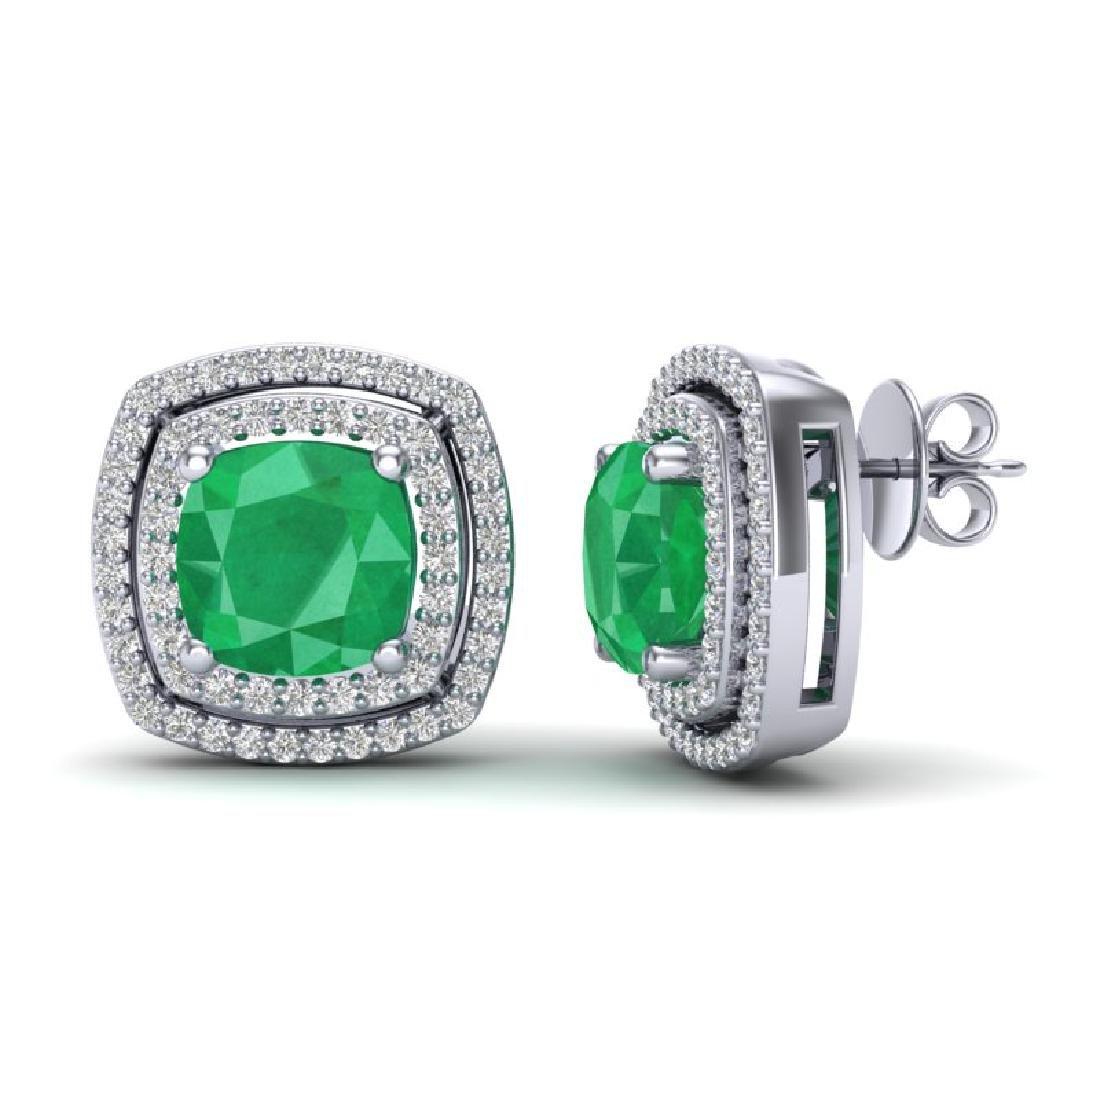 4.95 CTW Emerald & Micro Pave VS/SI Diamond Halo - 2